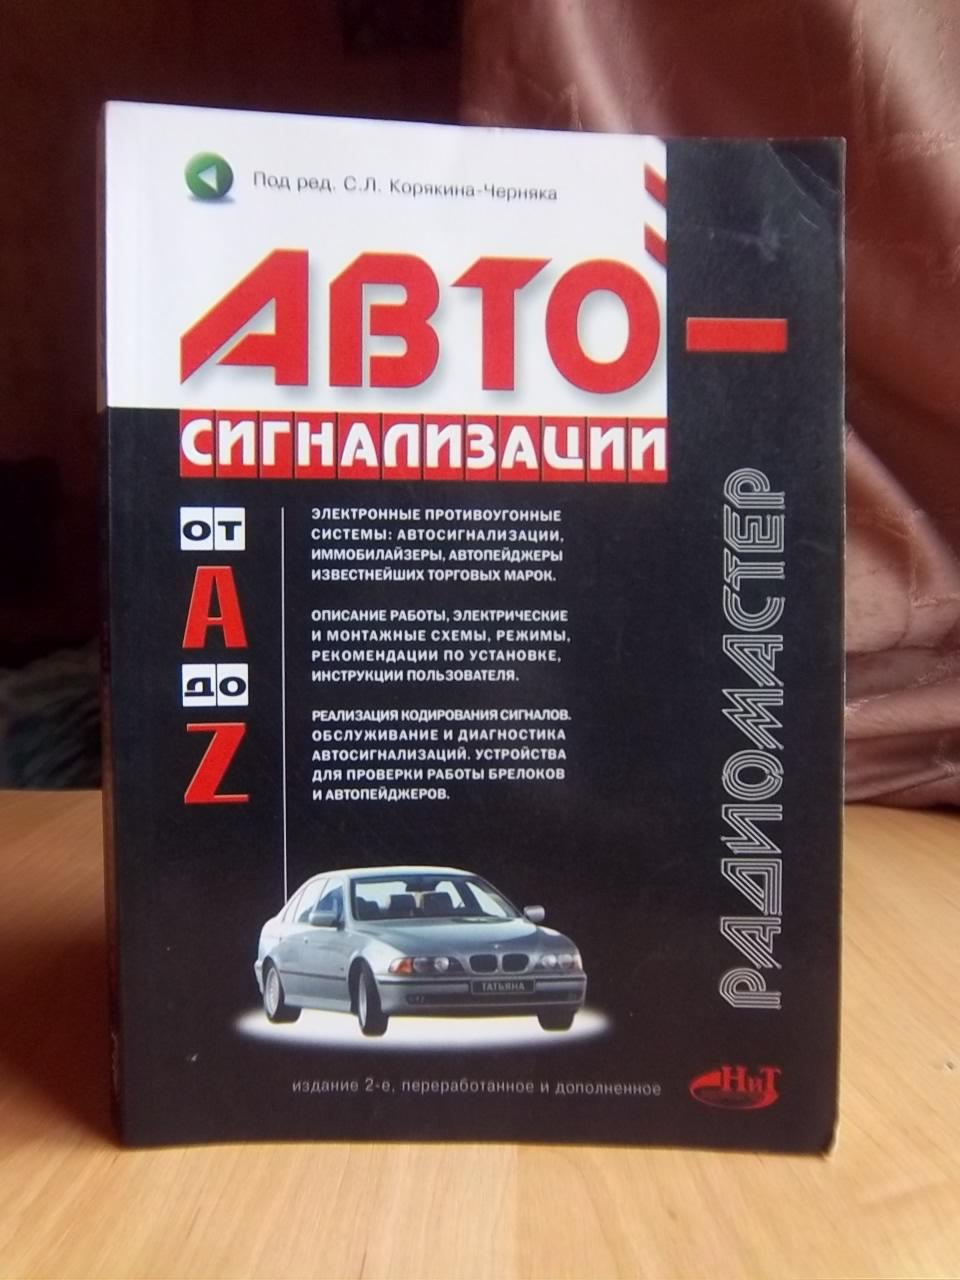 Автосигнализации от А до Z